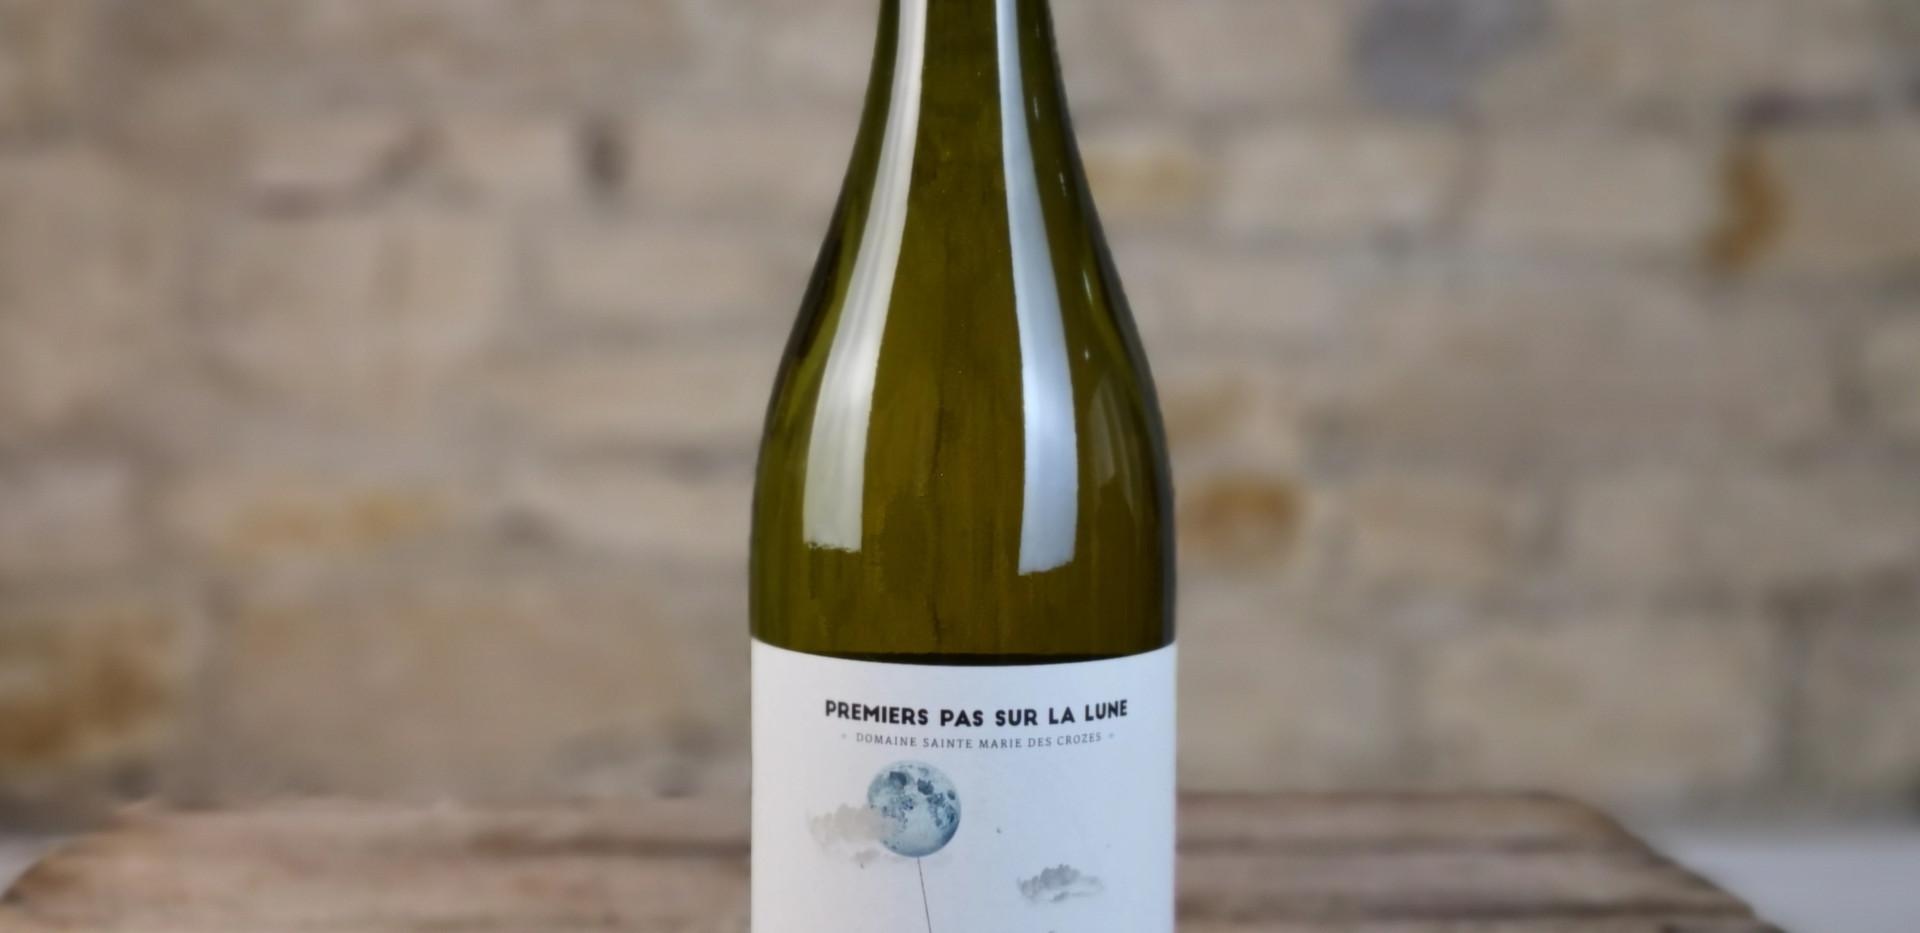 Premier Pas sur la Lune vin blanc biologique